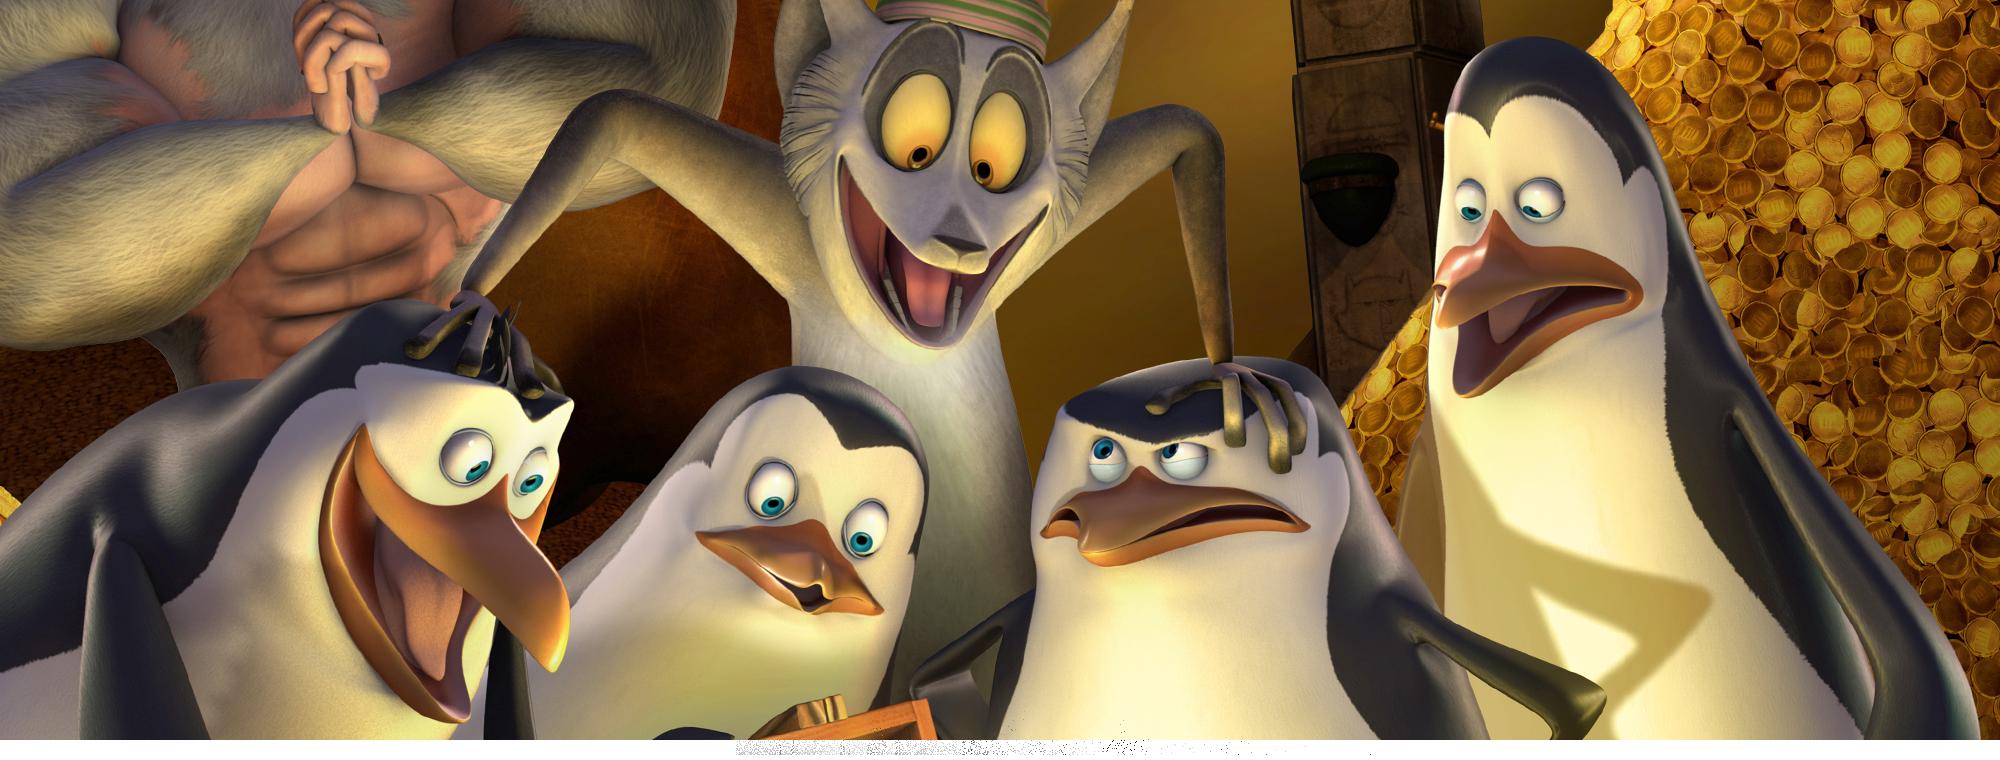 die pinguine aus madagascar serie  nickelodeon wiki